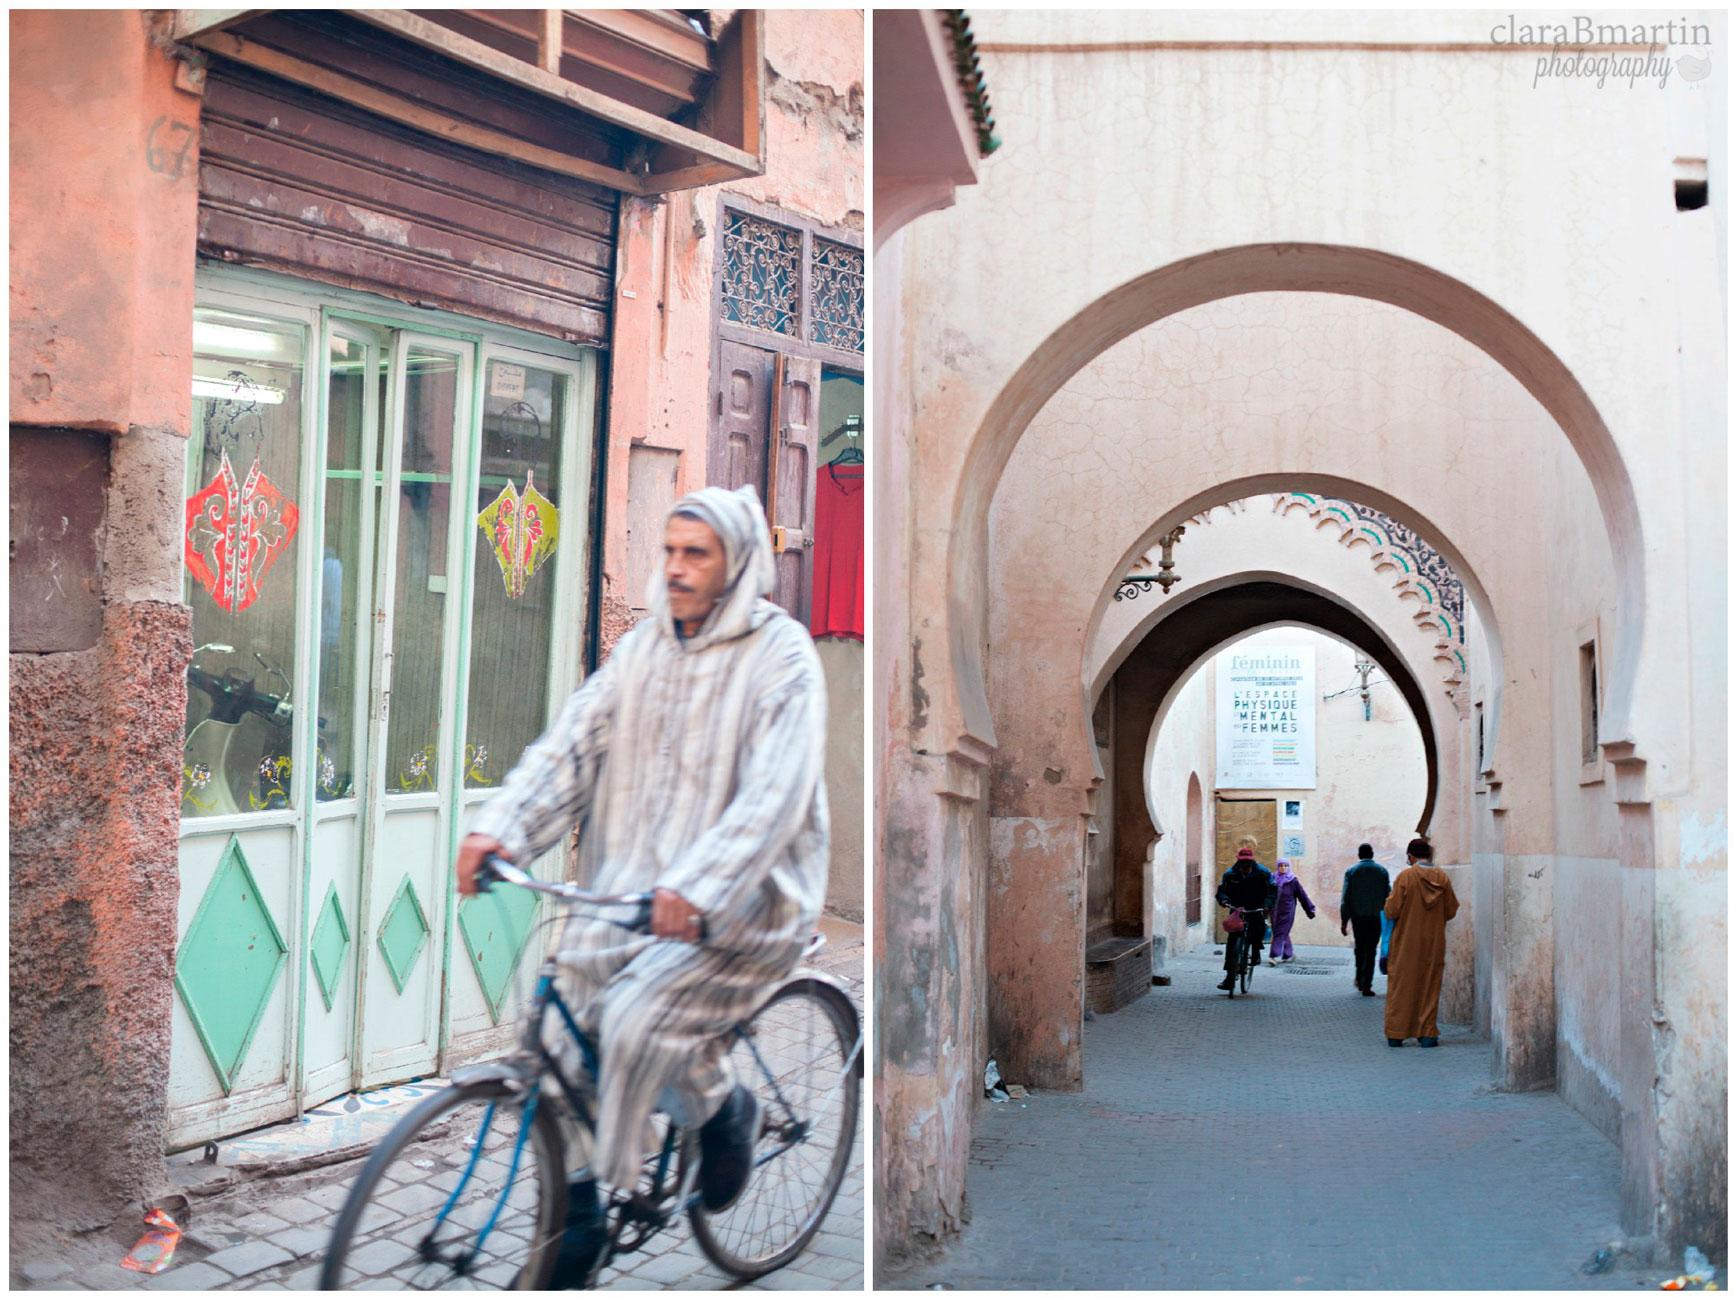 Marrakech_claraBmartin_30